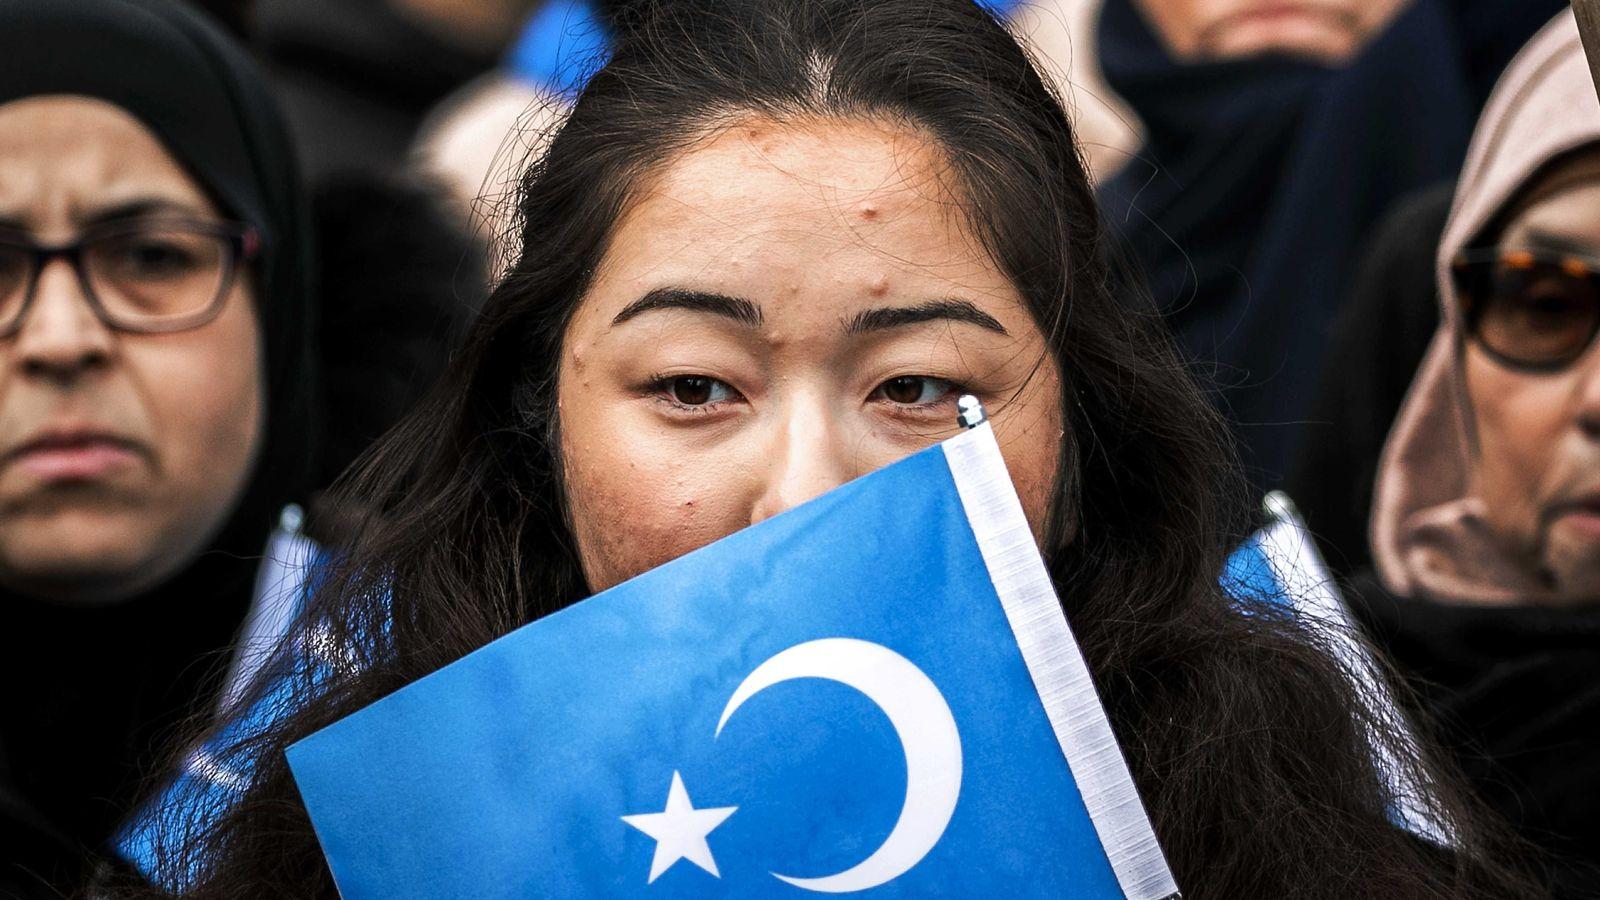 Immer mehr Uiguren suchen Asyl - auch in München